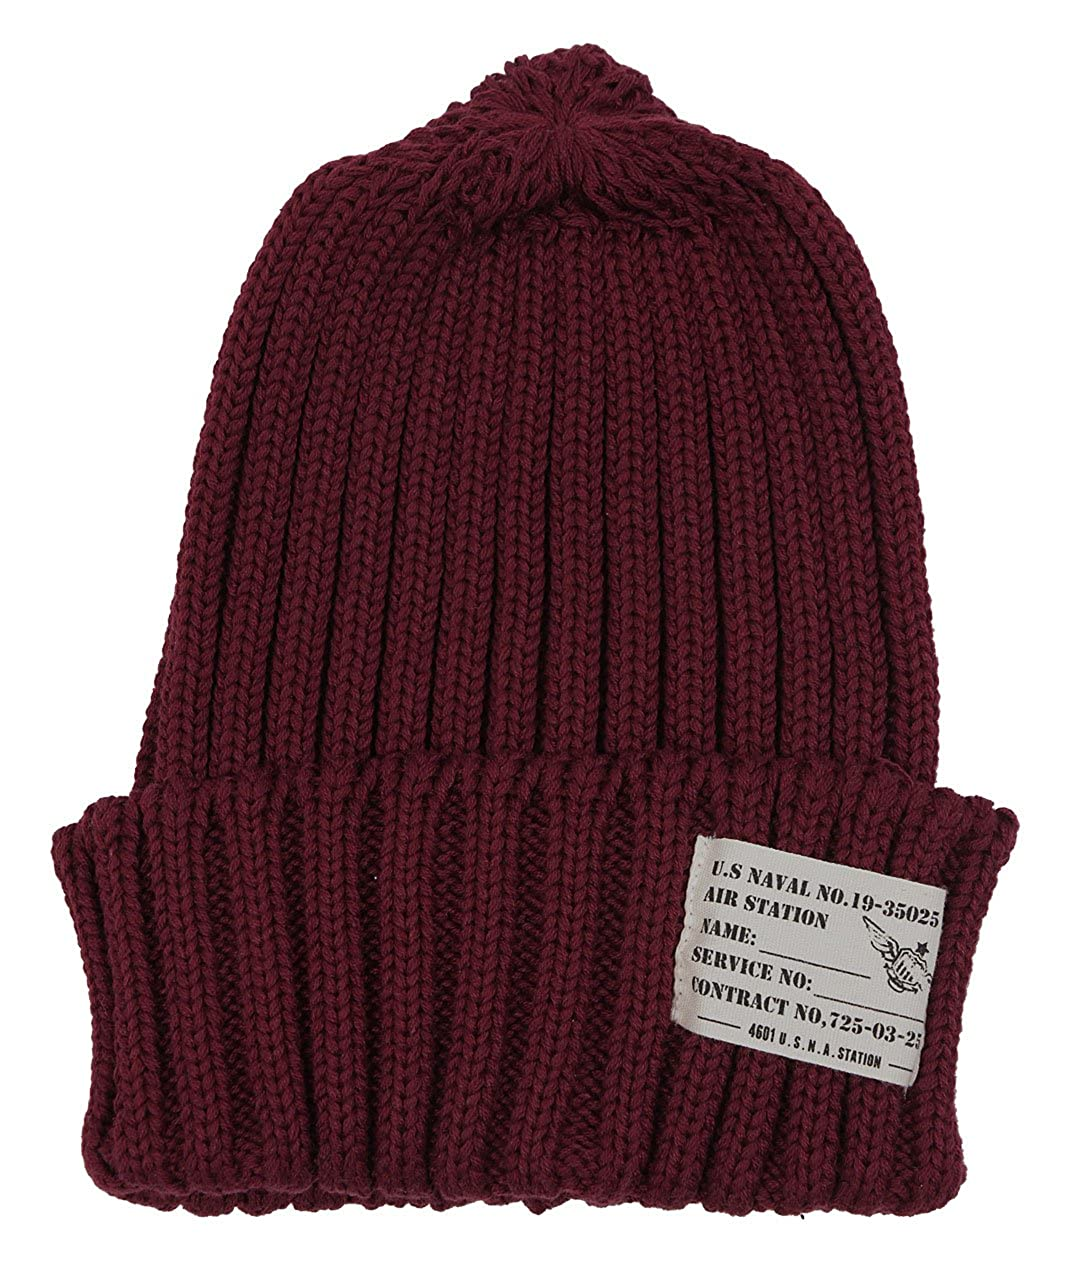 Amazon.co.jp: ラベル付きリブ編みニット帽 ブラック F: 服&ファッション小物通販